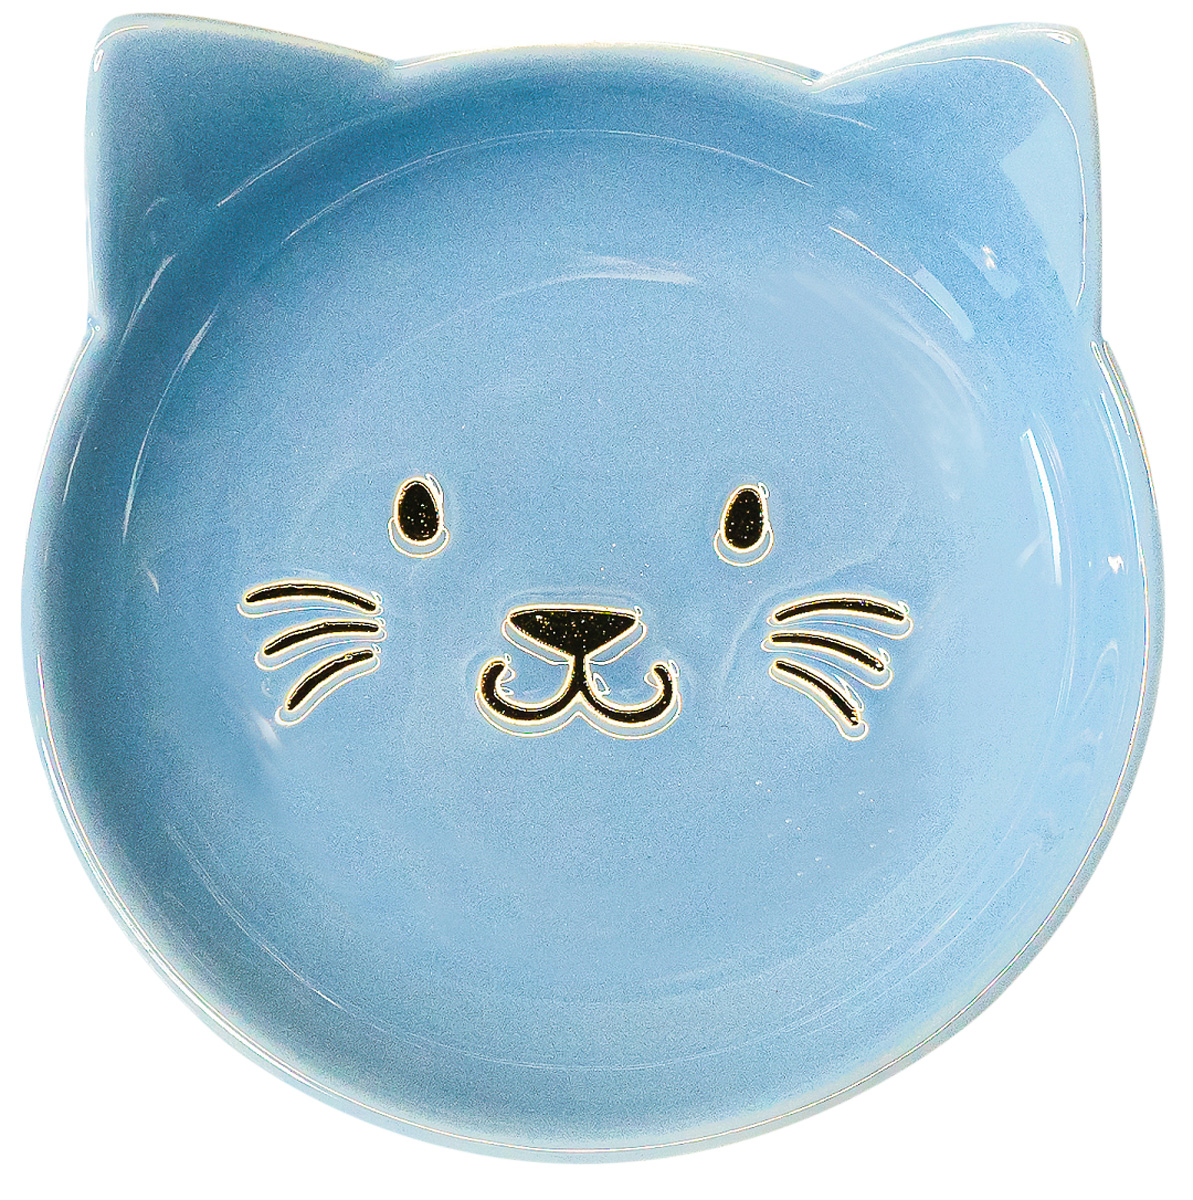 Керамическая миска блюдце КерамикАрт Мордочка кошки голубая 80 мл (80 мл)